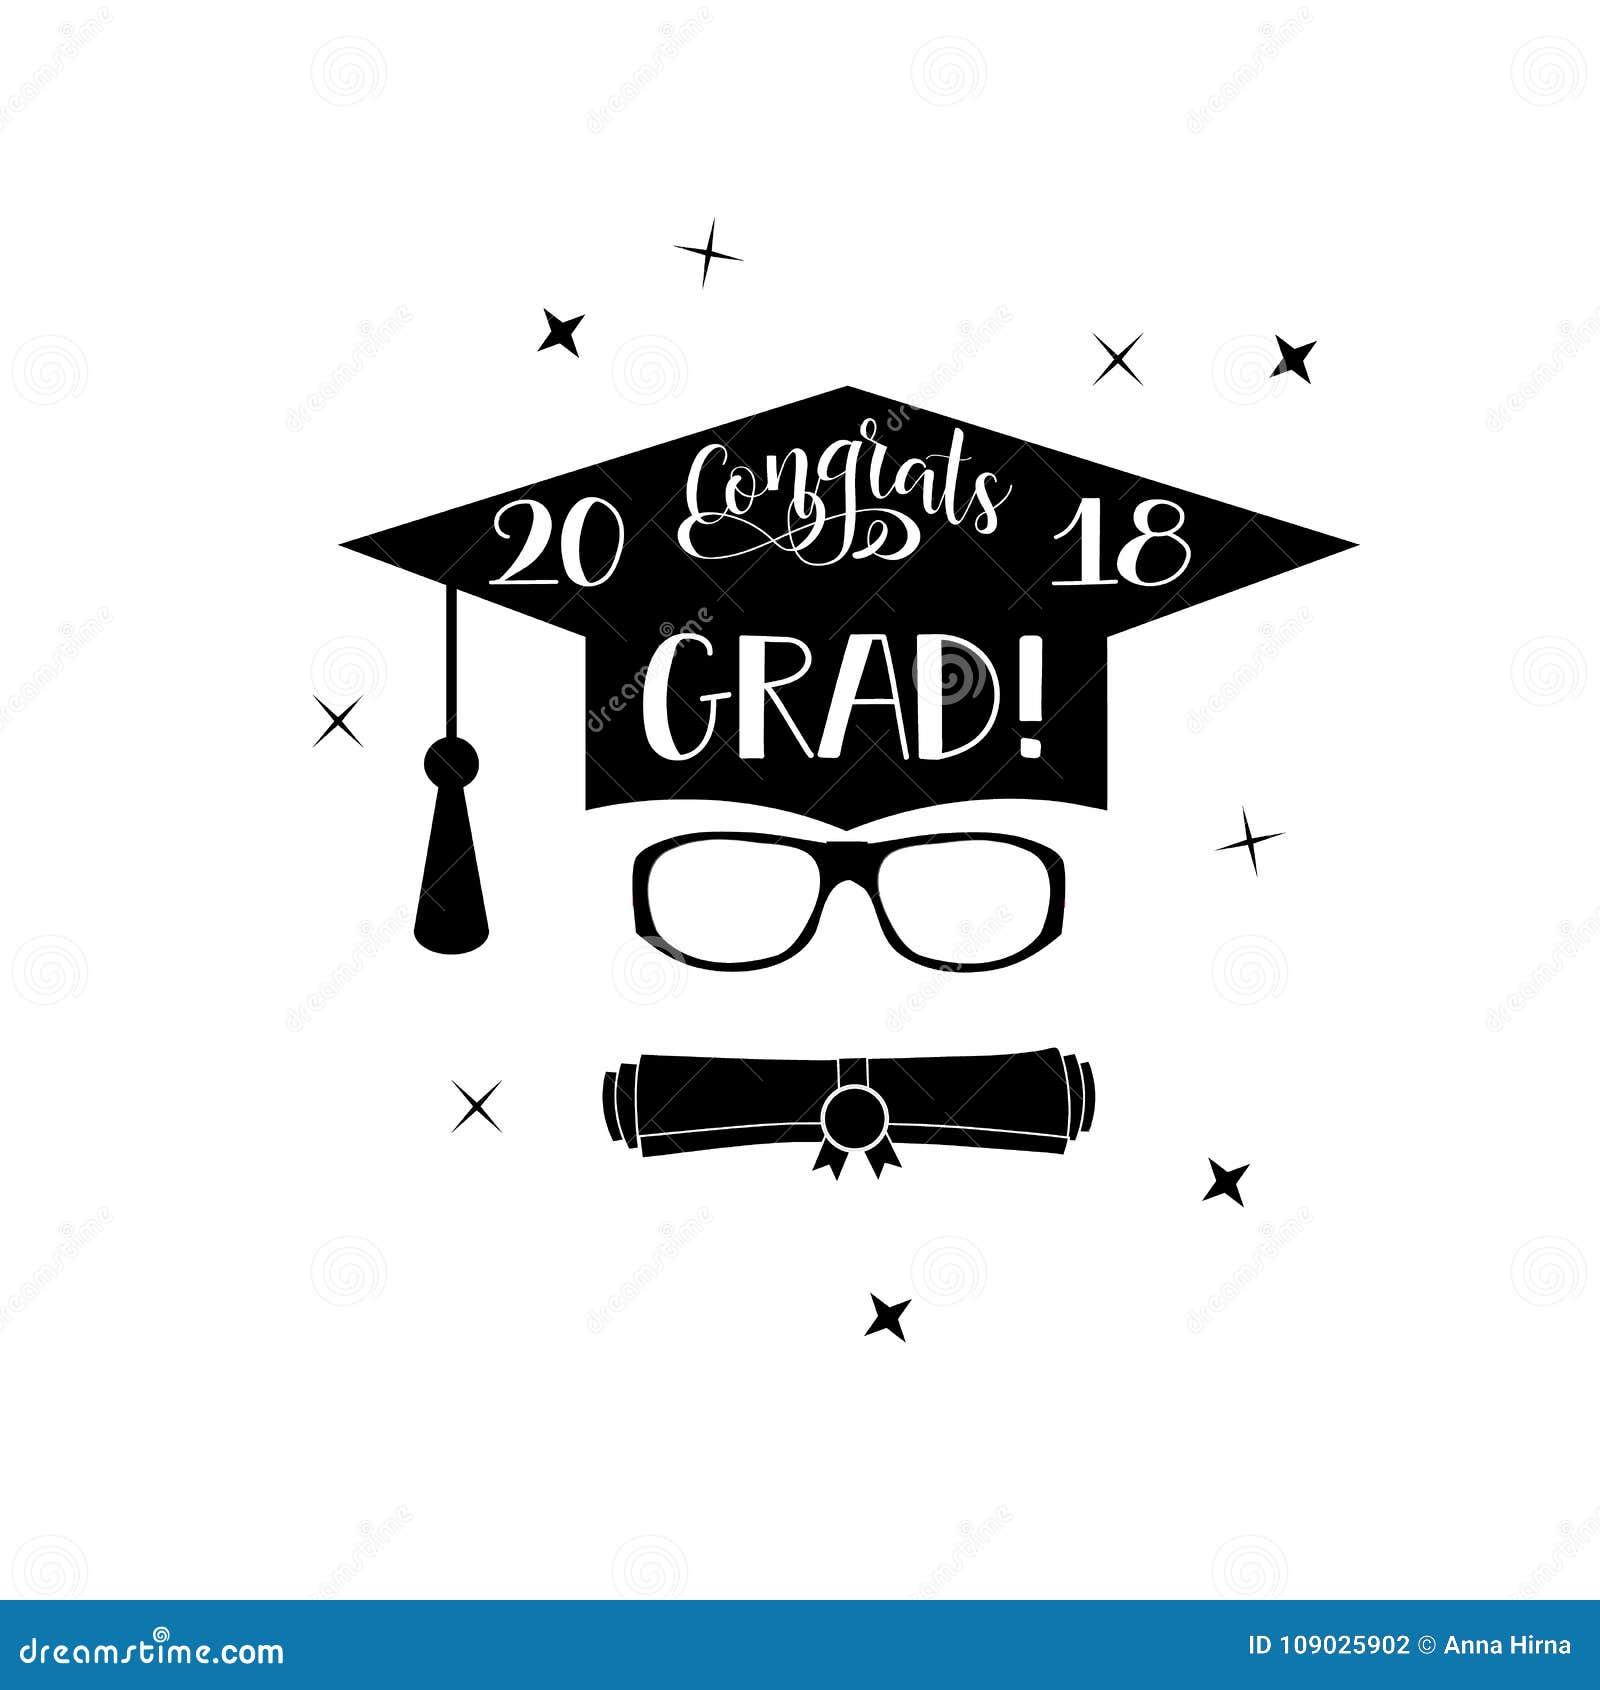 Congrats Grad 2018 Lettering Congratulations Graduate Banner Stock